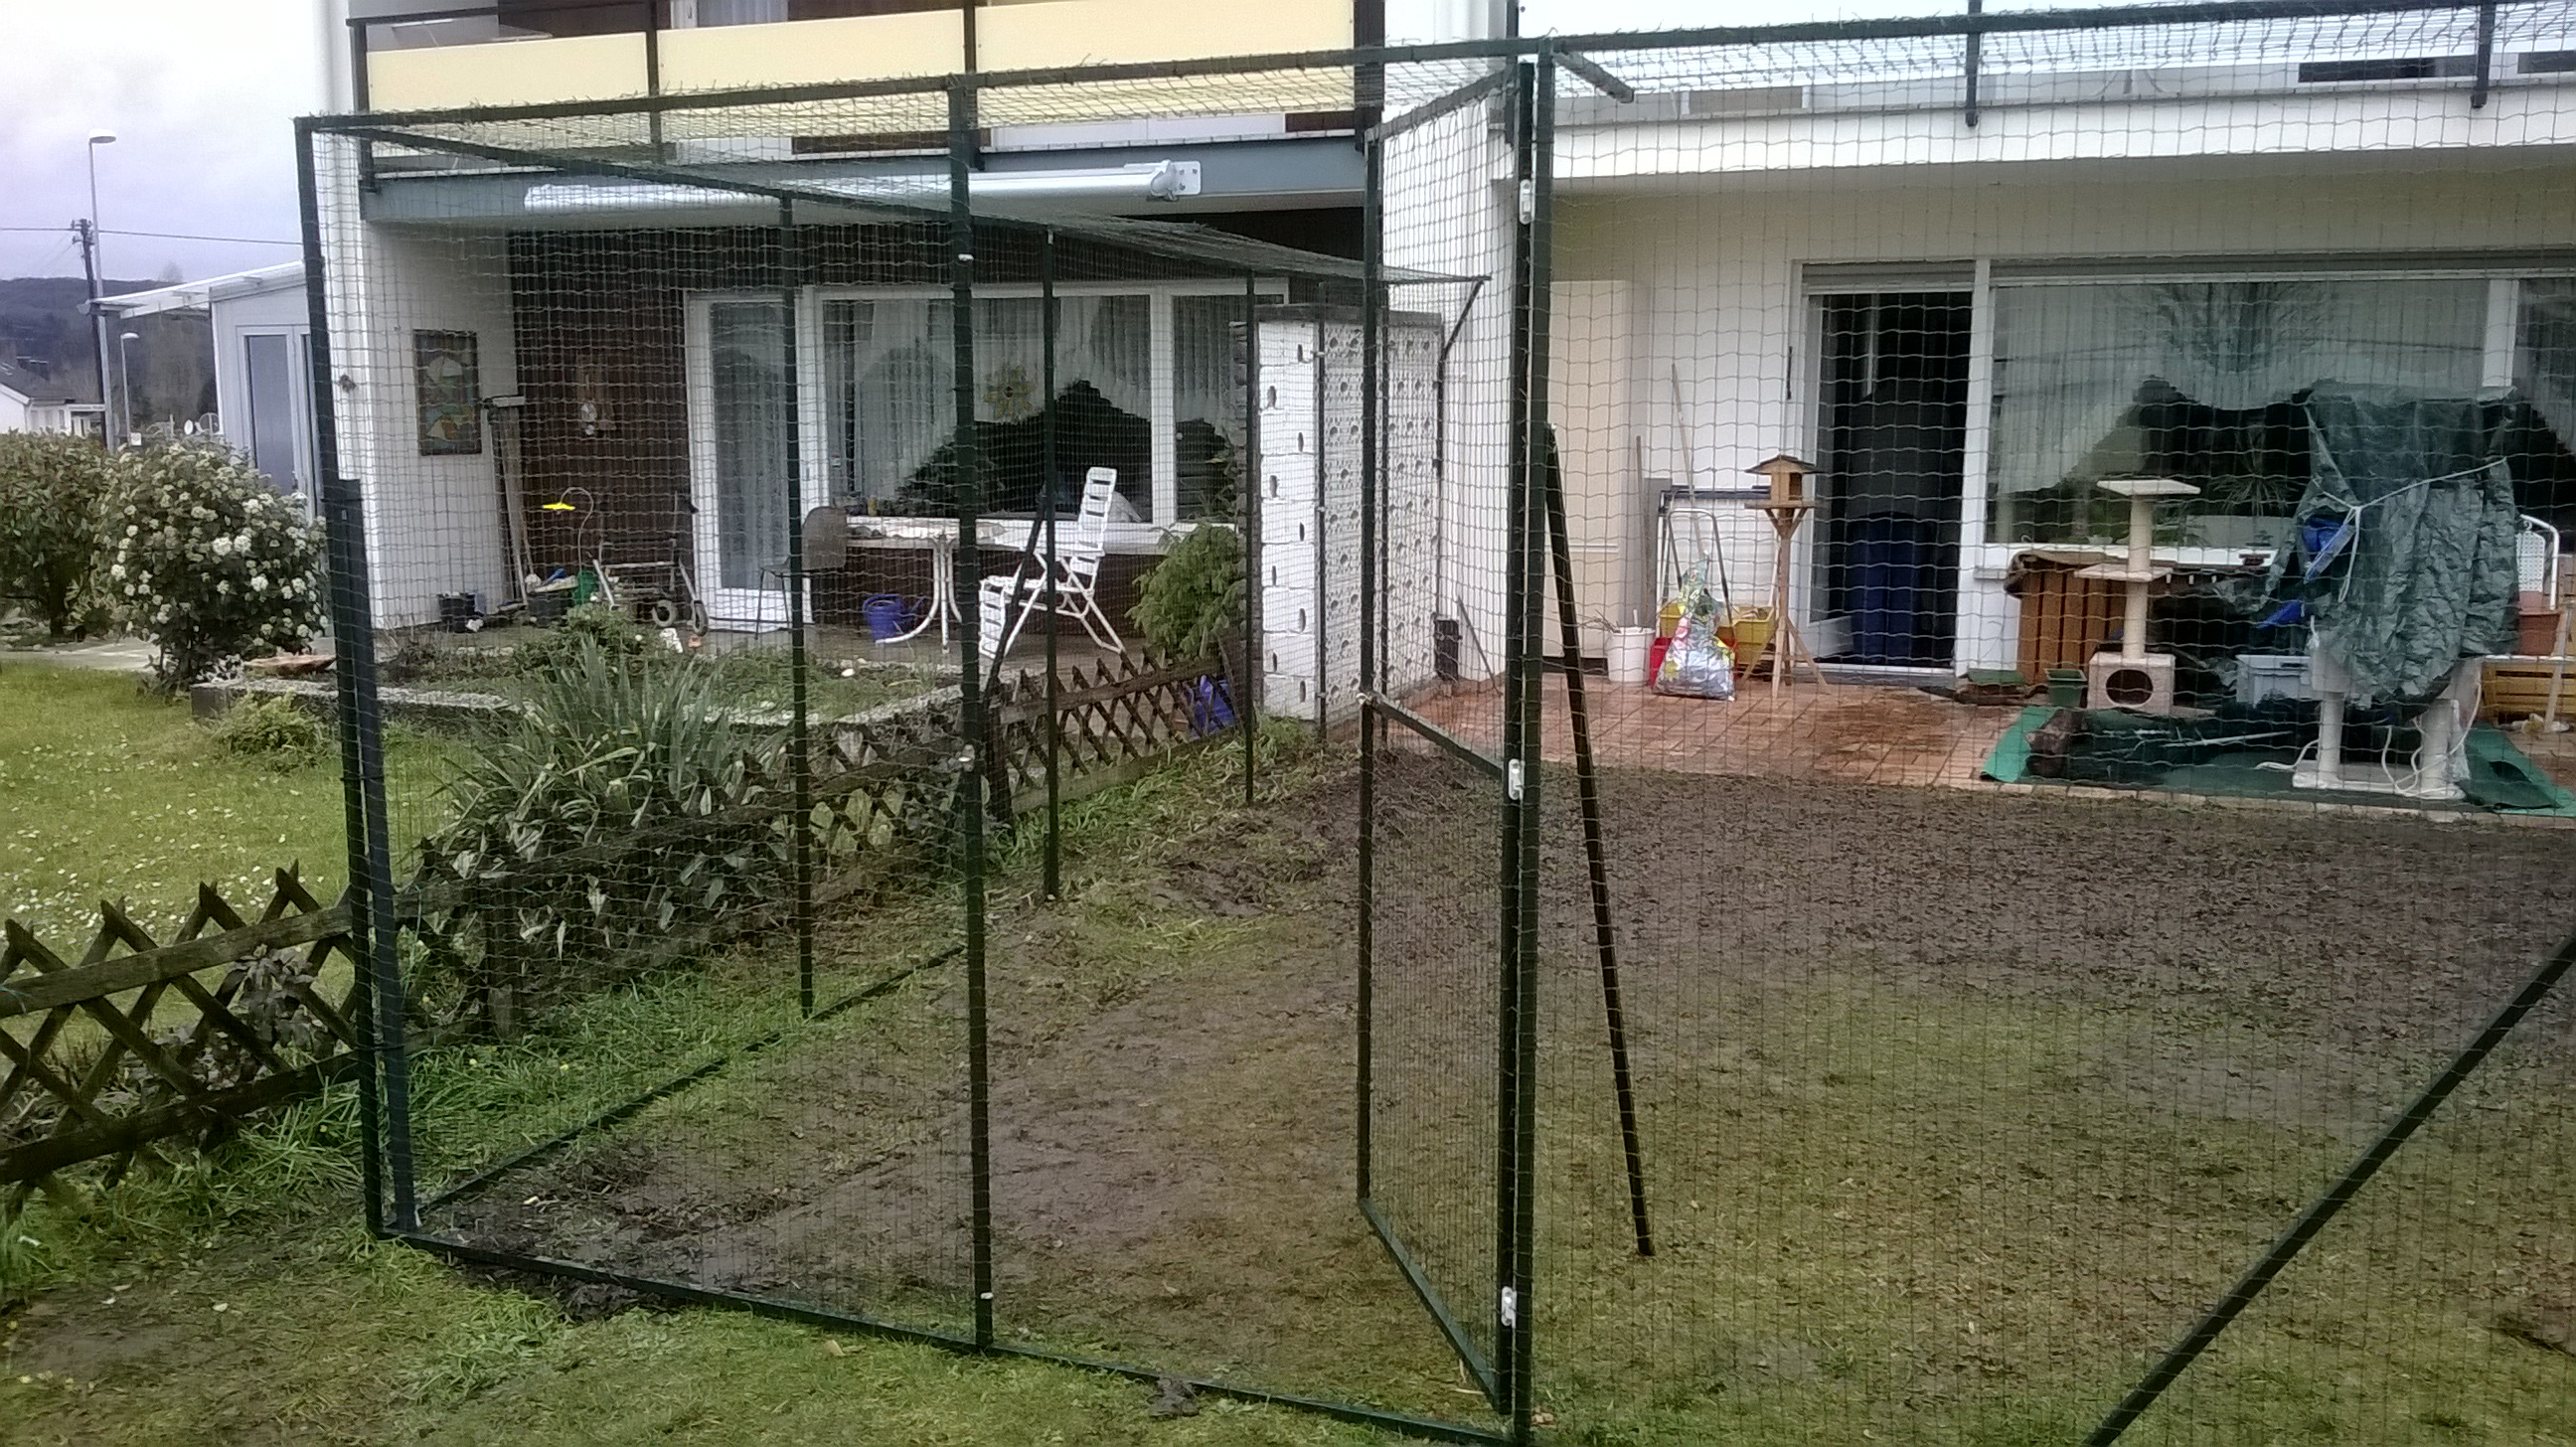 katzenfreilaufgehege vom katzennetz profi With whirlpool garten mit balkon mit markise katzensicher machen